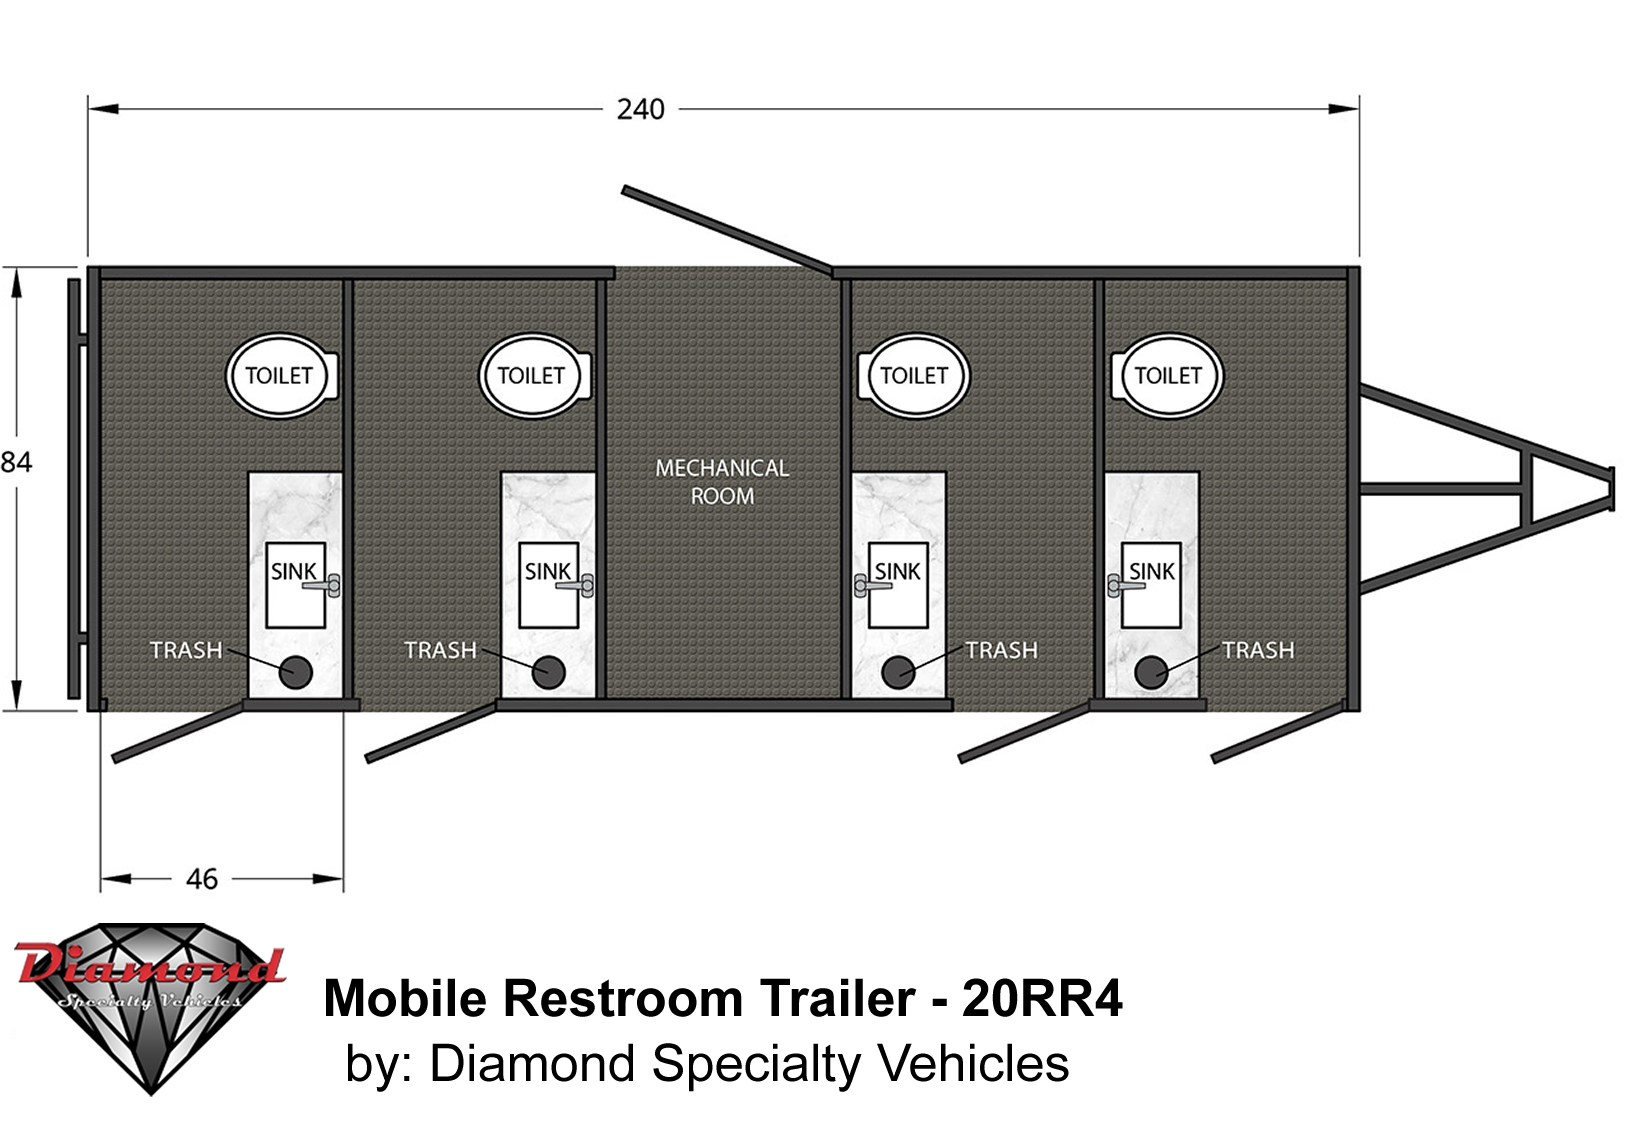 Mobile Restroom Trailer 20RR4